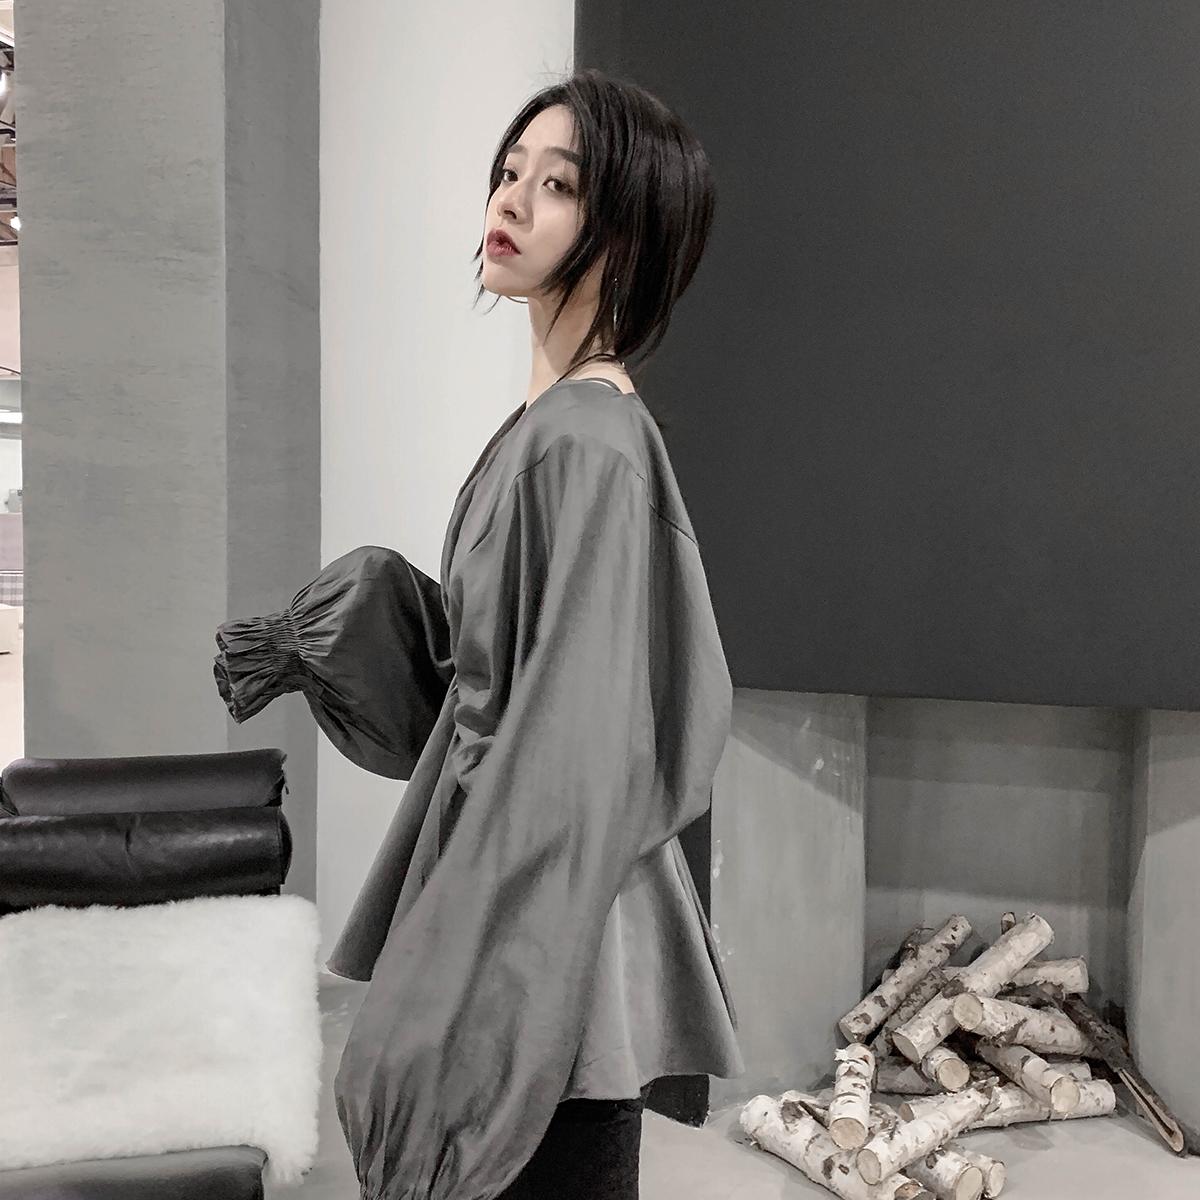 12月01日最新优惠网红衬衫女设计感小众2019秋季新款V领收腰真丝上衣长袖韩版衬衣